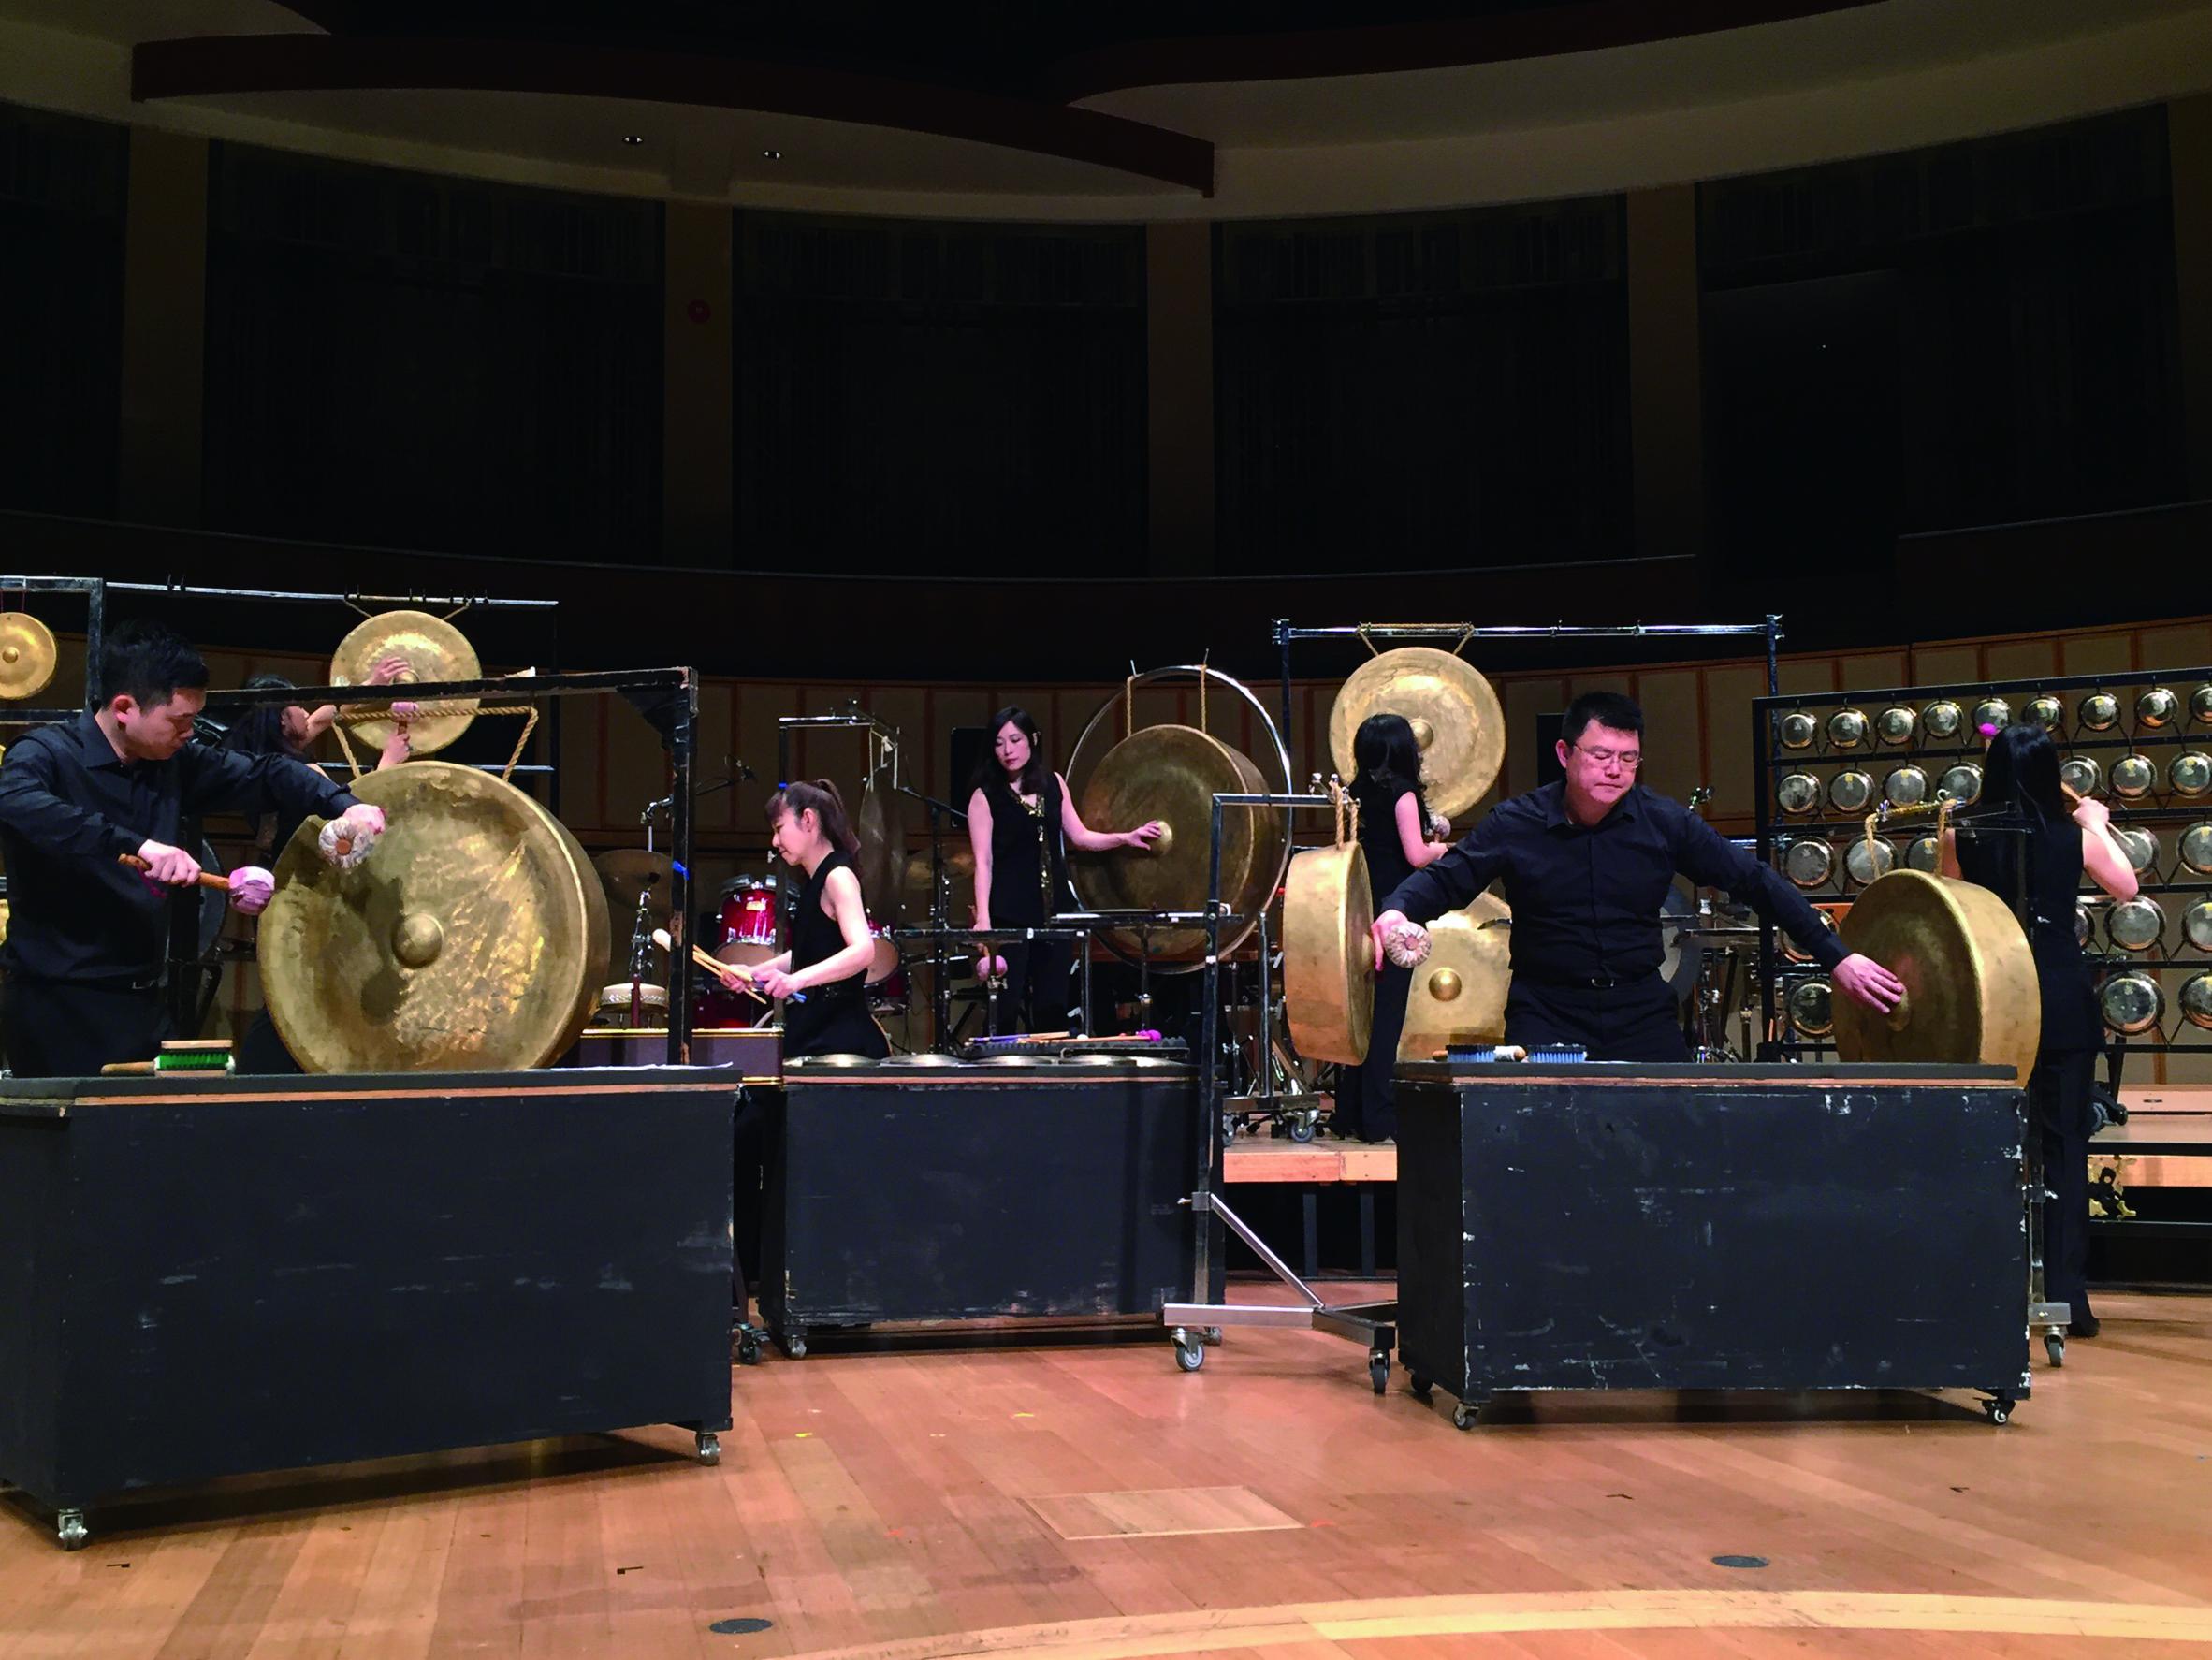 朱宗慶打擊樂團2月24日在濱海藝術中心演出大獲好評。.jpg